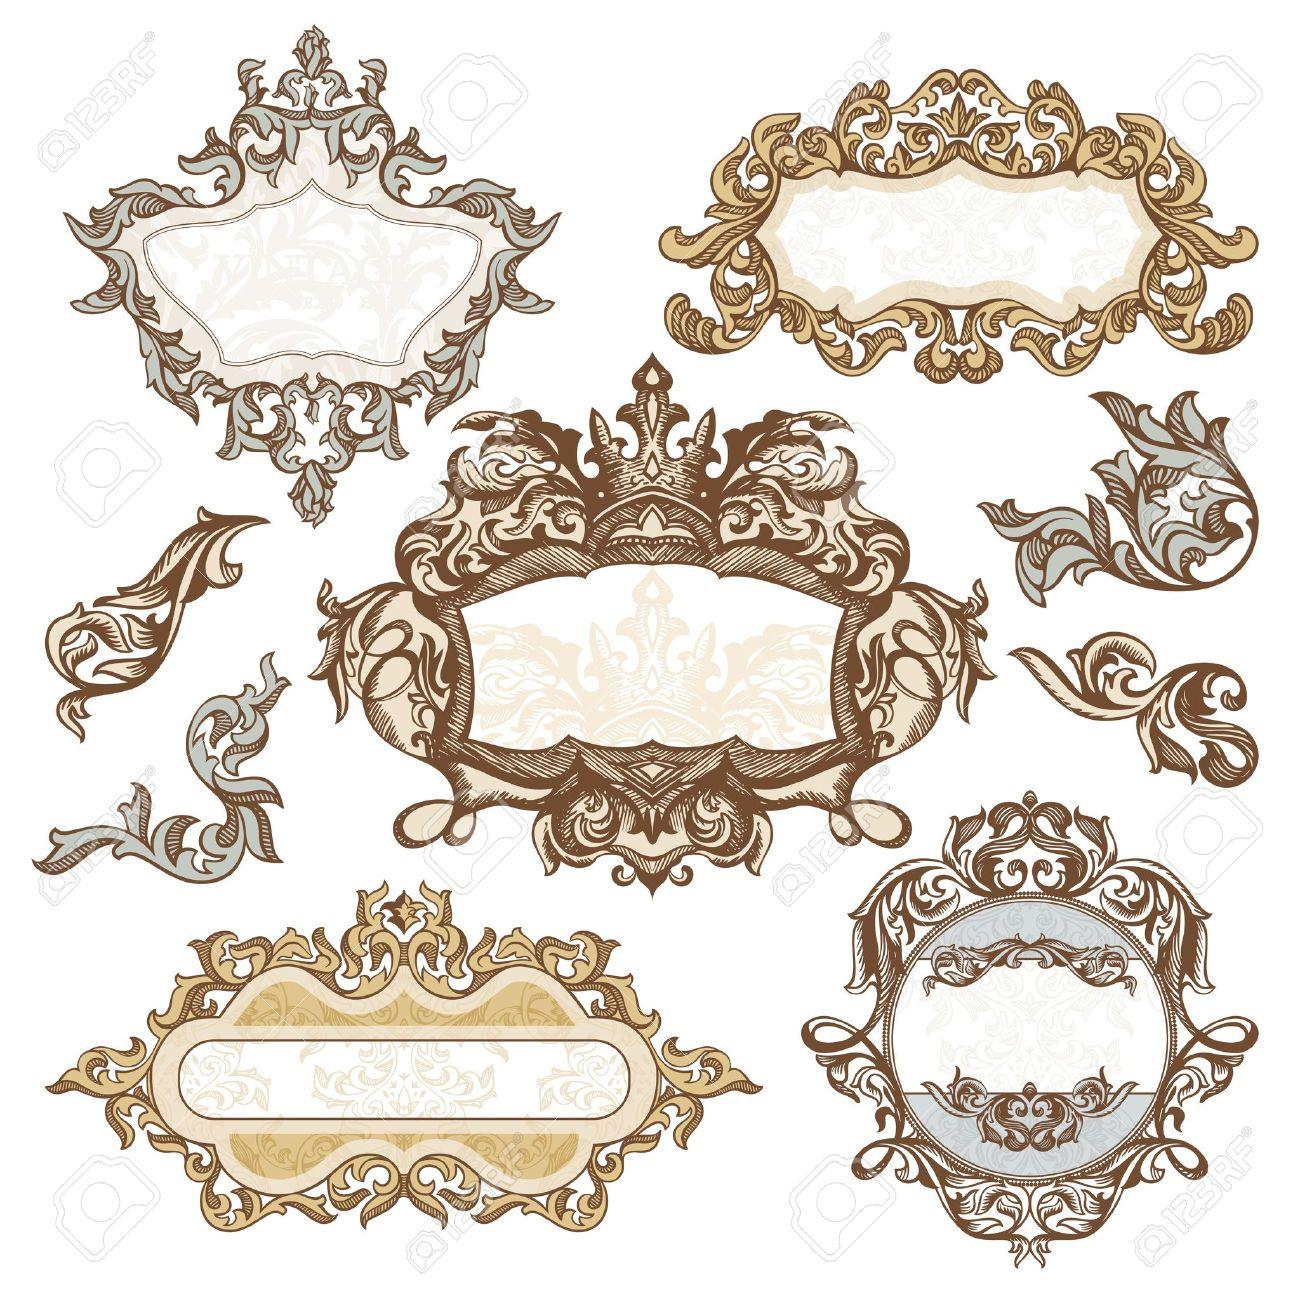 set of royal vintage frames illustration Stock Vector - 10993509